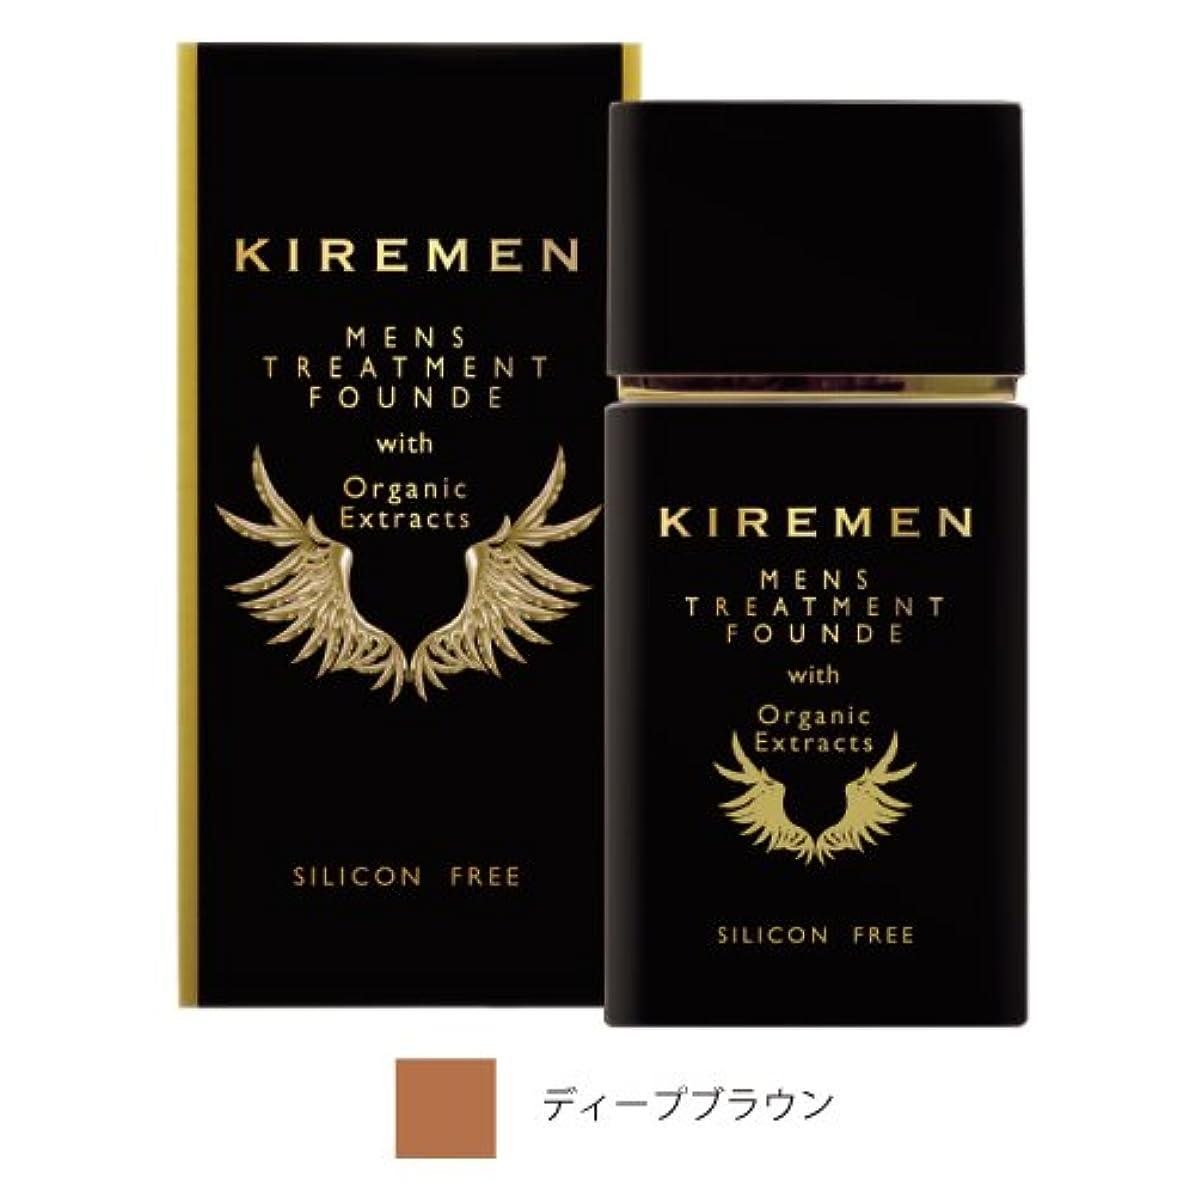 接続テクニカル追うキレメン KIREMEN メンズファンデーション (ディープブラウン)